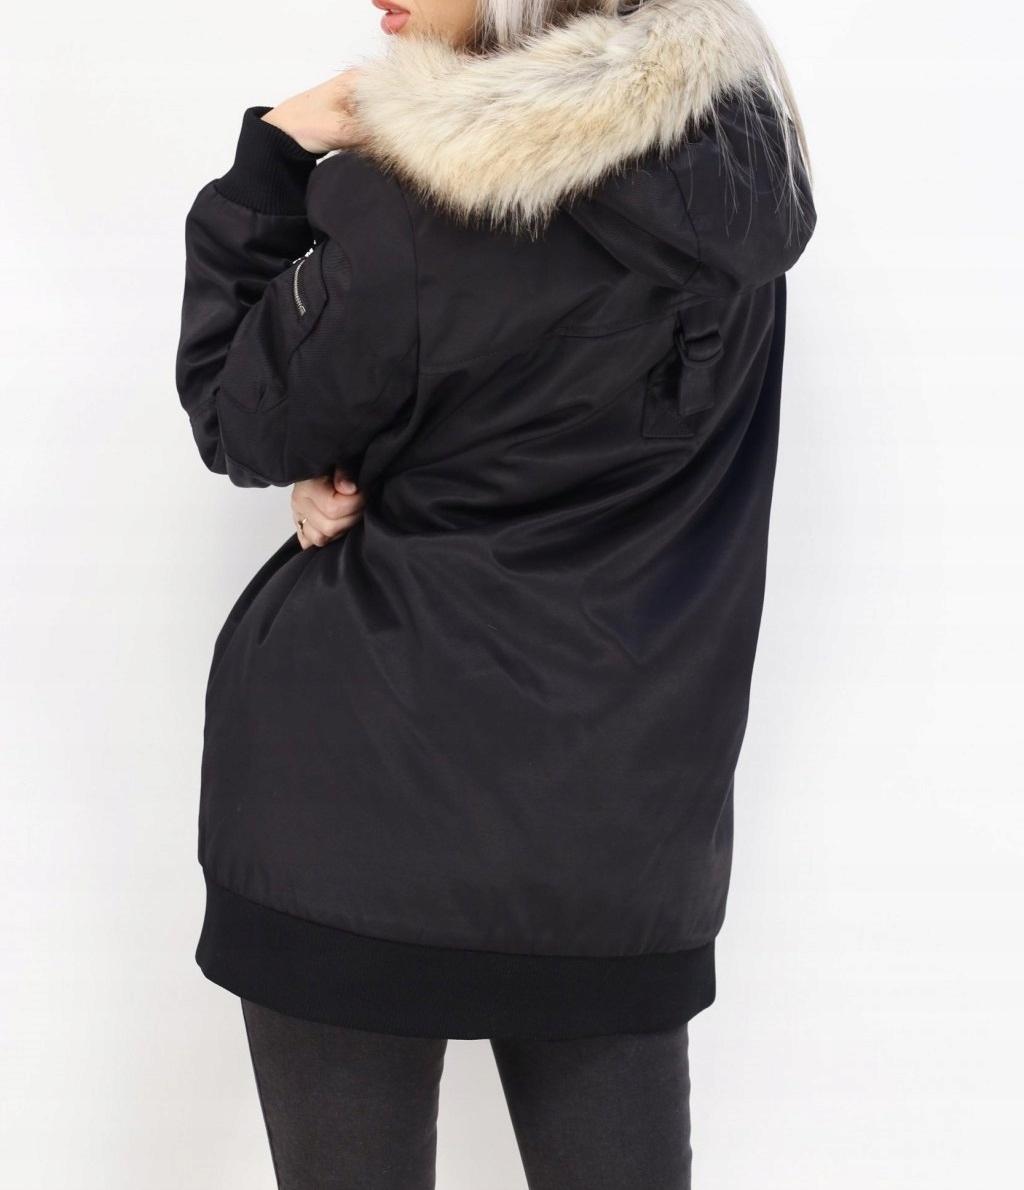 bf70af89ccc17 Zara hydrofobowa płaszcz dłuższa kurtka puchowa - 7727933106 ...